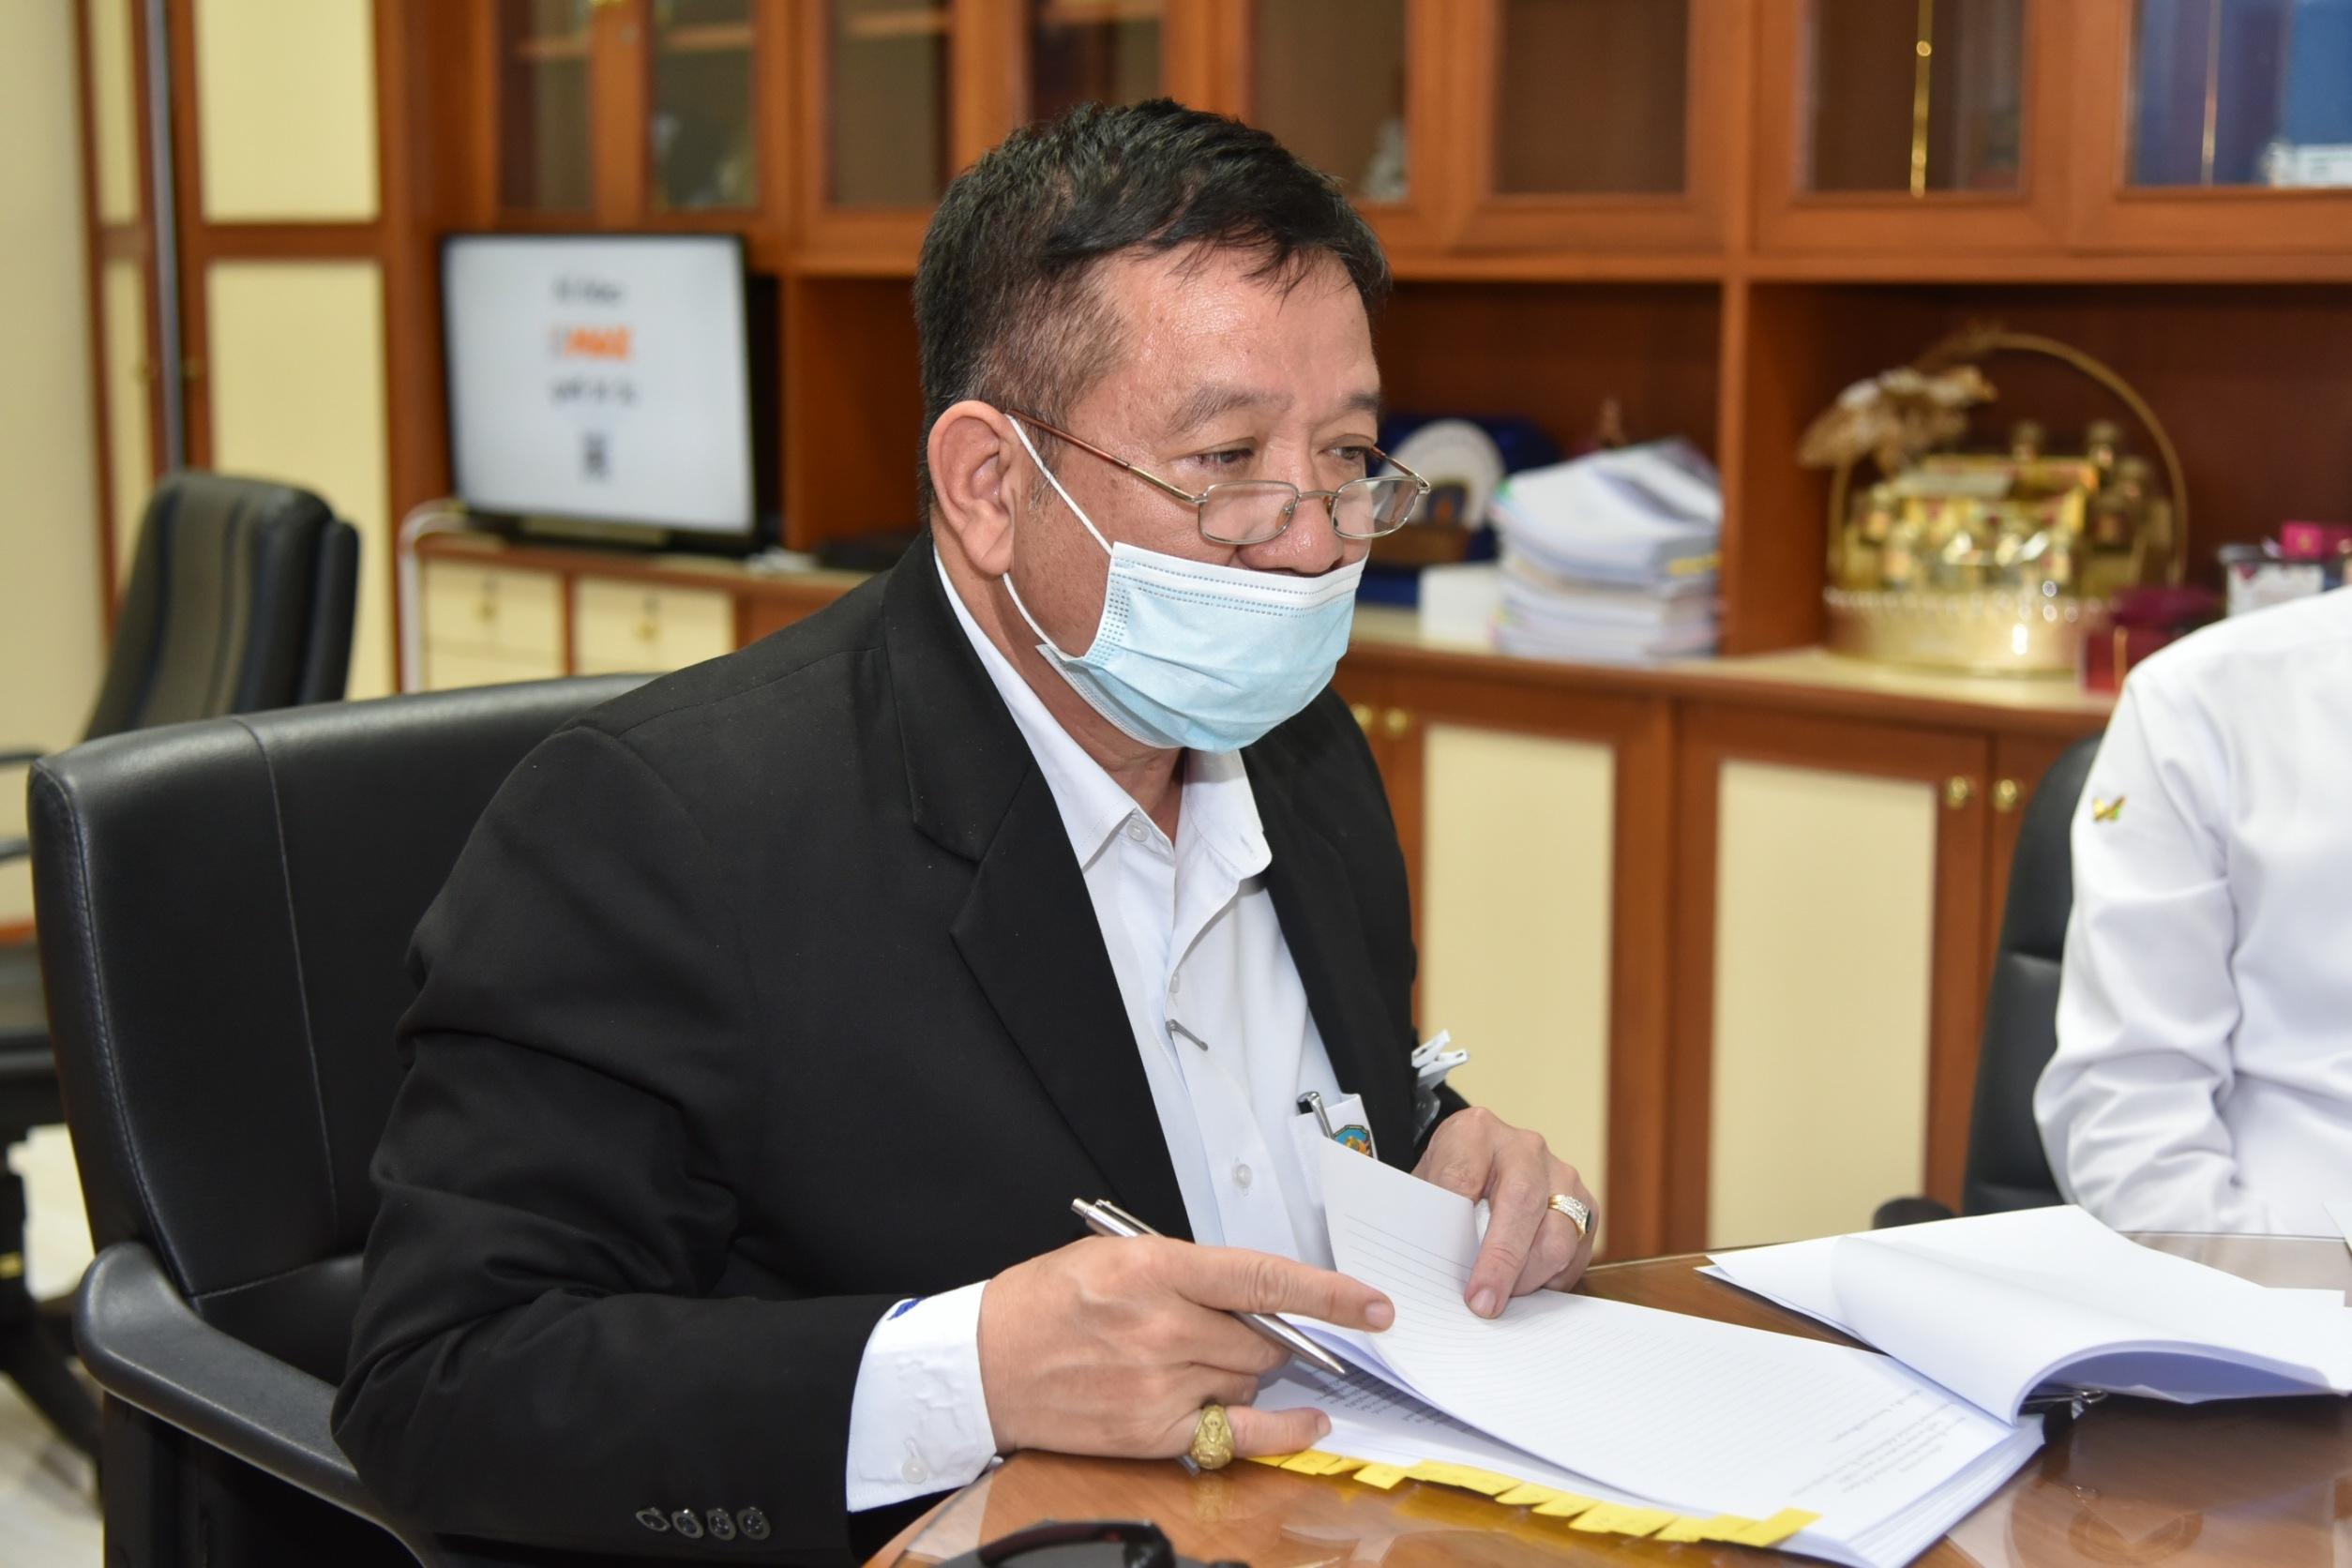 ผู้ตรวจราชการกรม   ร่วมประชุมคณะกรรมการฟื้นฟูและพัฒนาศักยภาพการประมงไทย  ครั้งที่ 4/2563